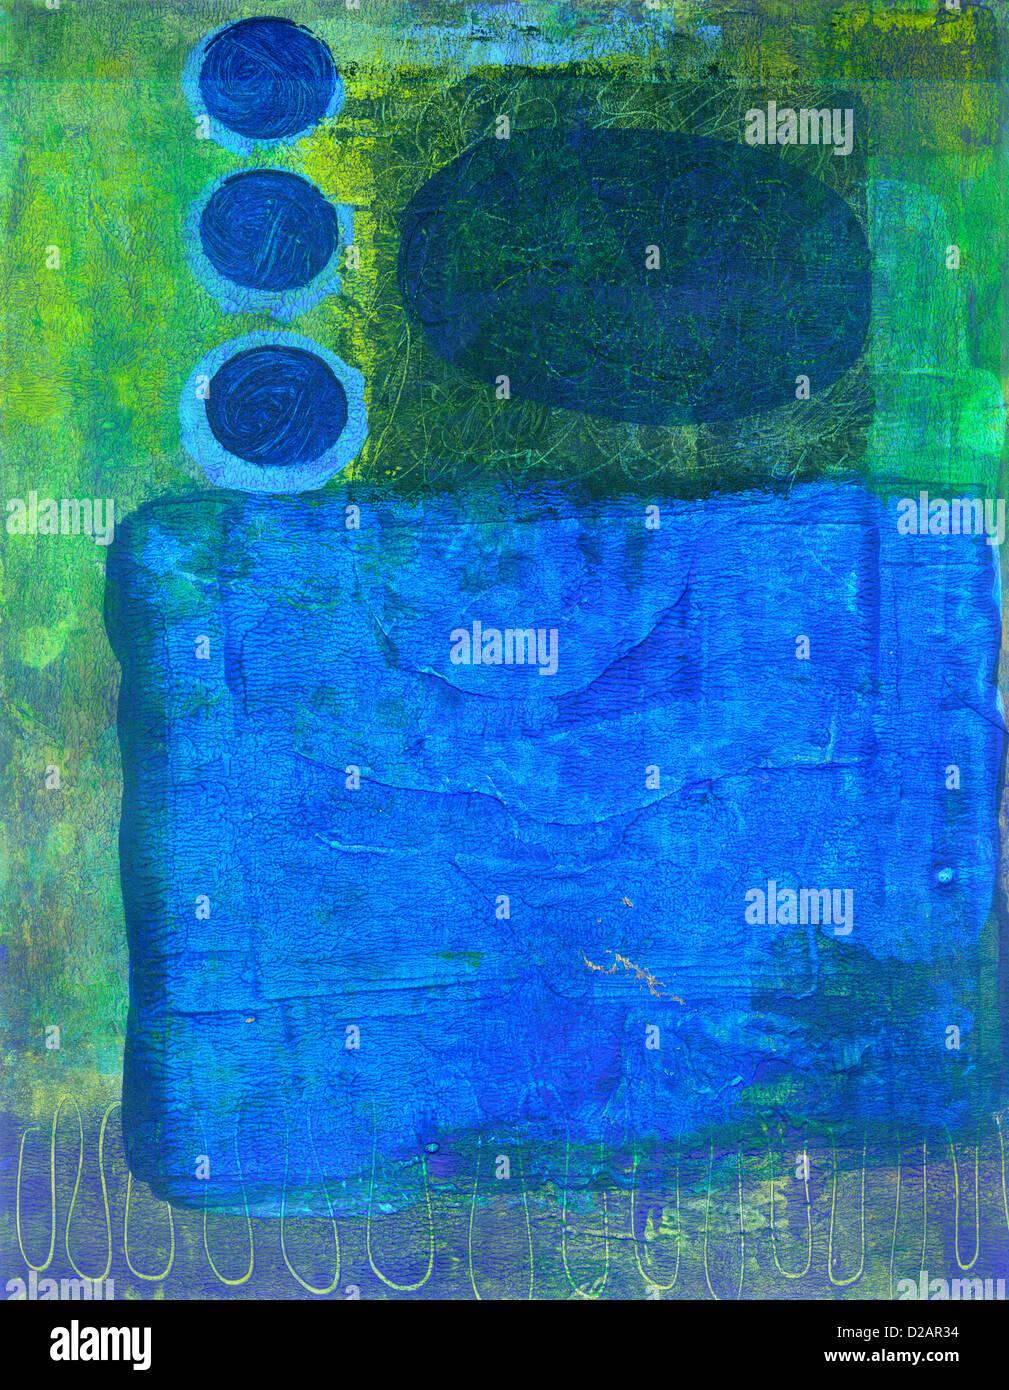 La pintura abstracta Imagen De Stock